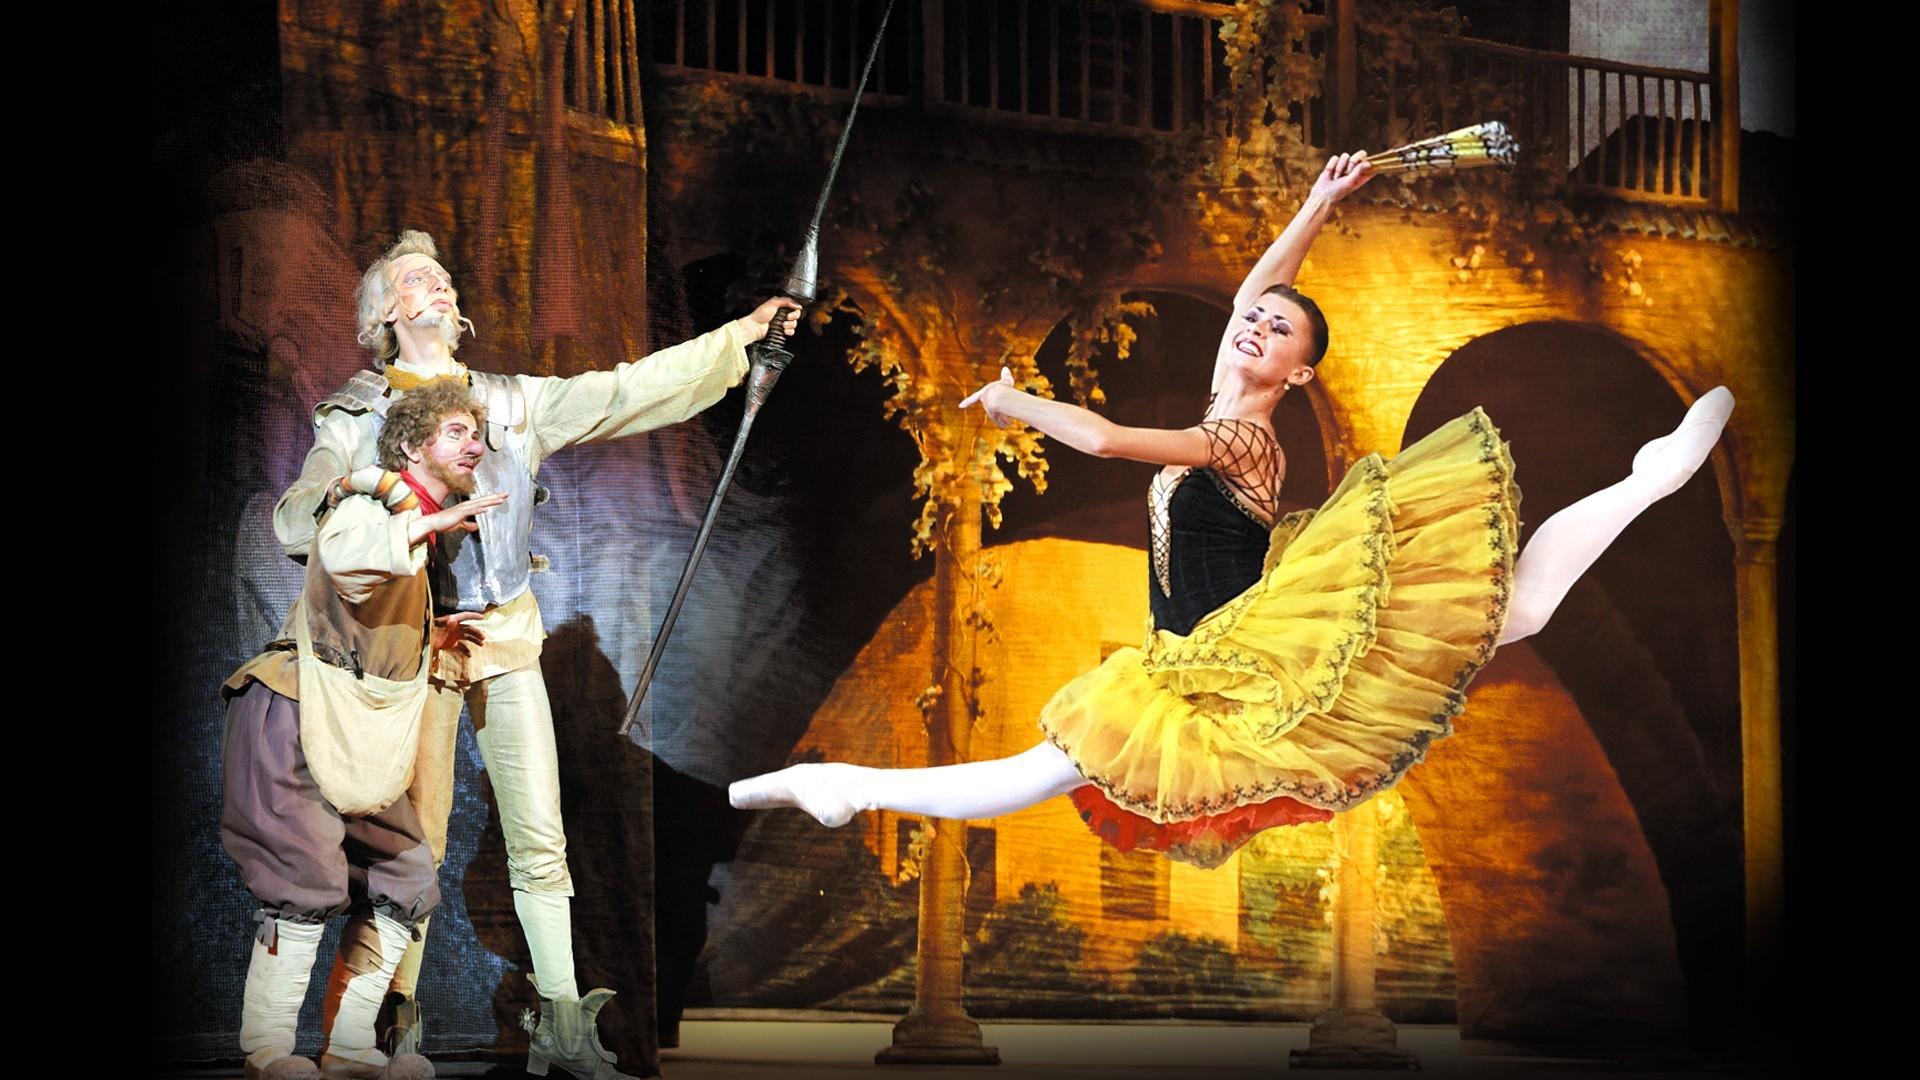 """VIII Международный фестиваль балета в Кремле. Дон Кихот. Л. Минкус. Спектакль театра """"Кремлёвский балет"""""""